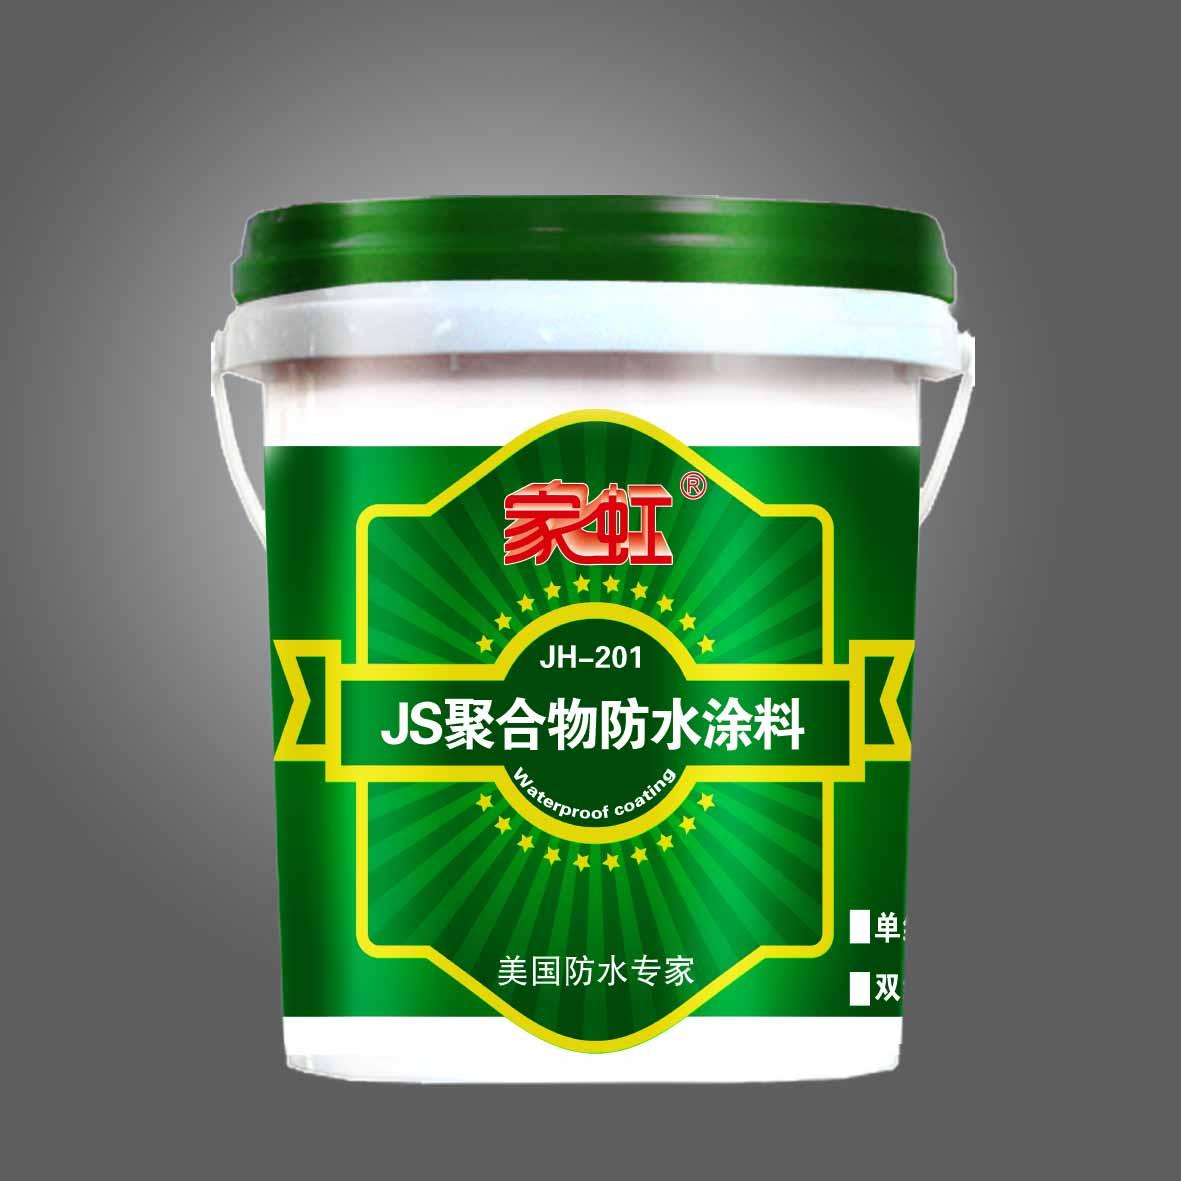 点击查看JH-201家虹JS聚合物防水涂料详细说明